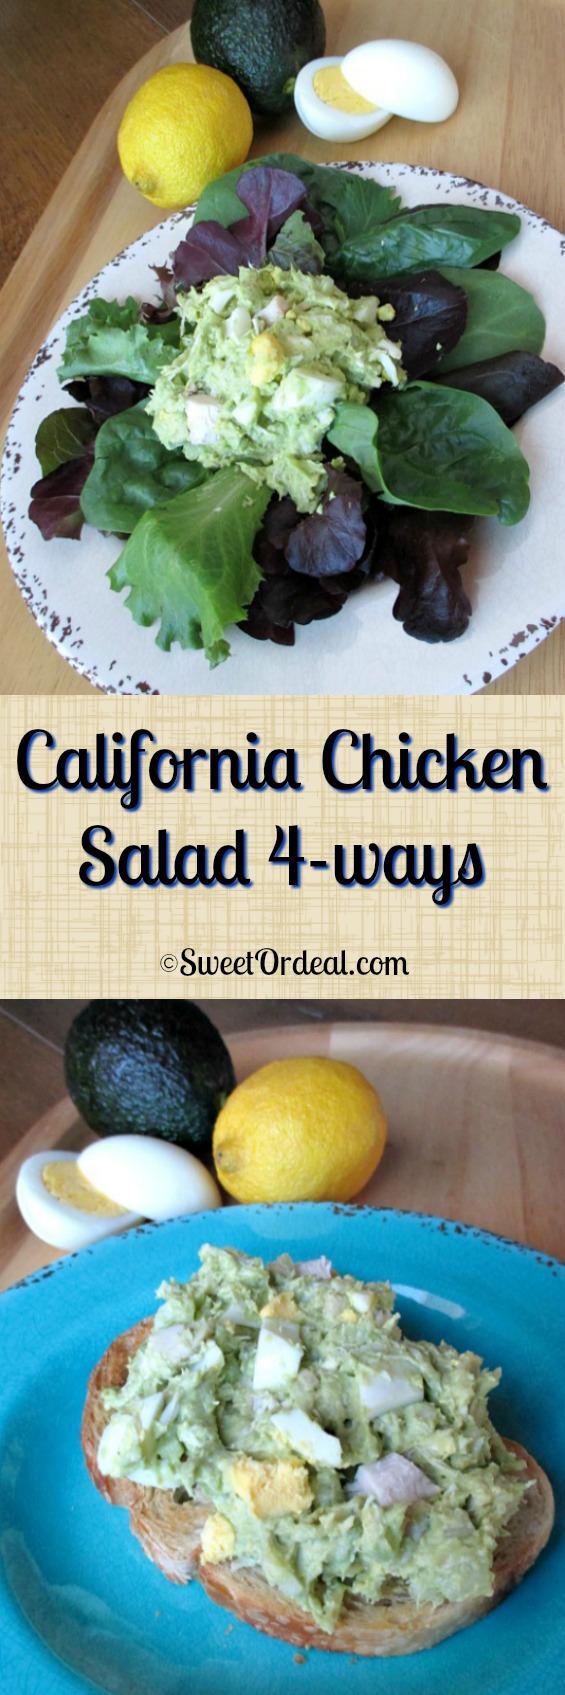 California Chicken Salad 4-ways